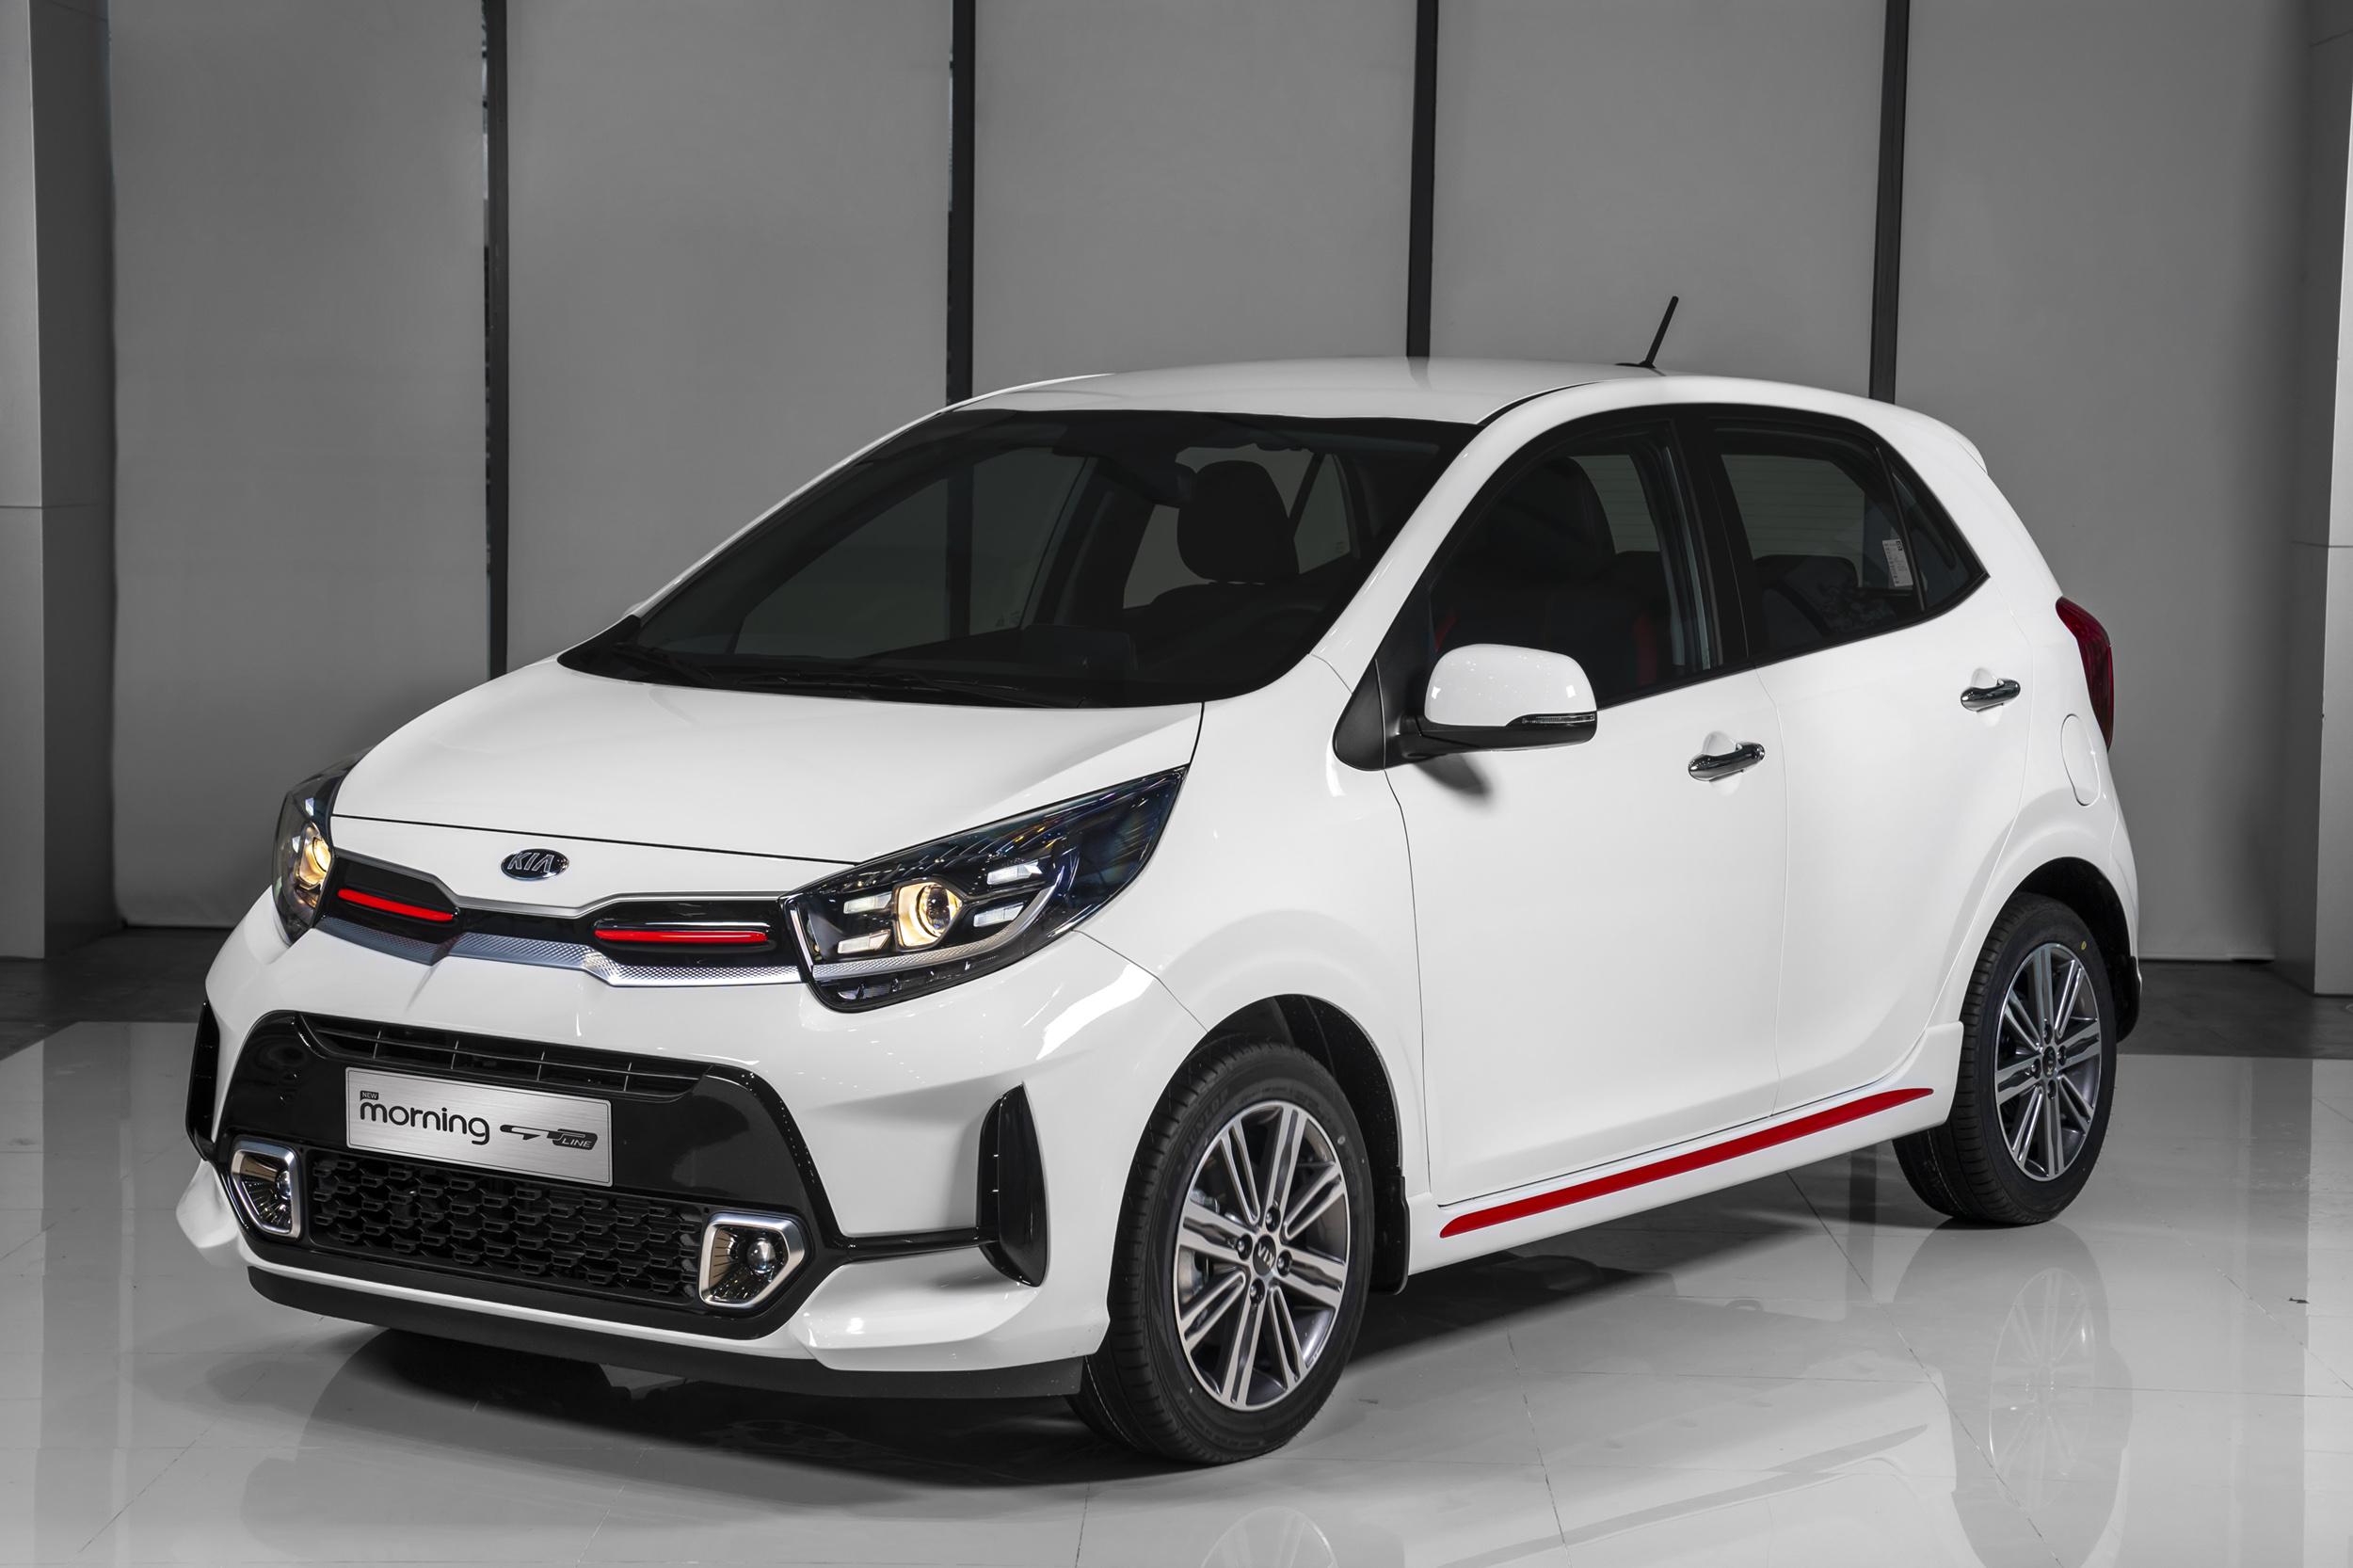 THACO ra mắt mẫu xe KIA Morning mới với giá từ 439 triệu đồng - Ảnh 1.